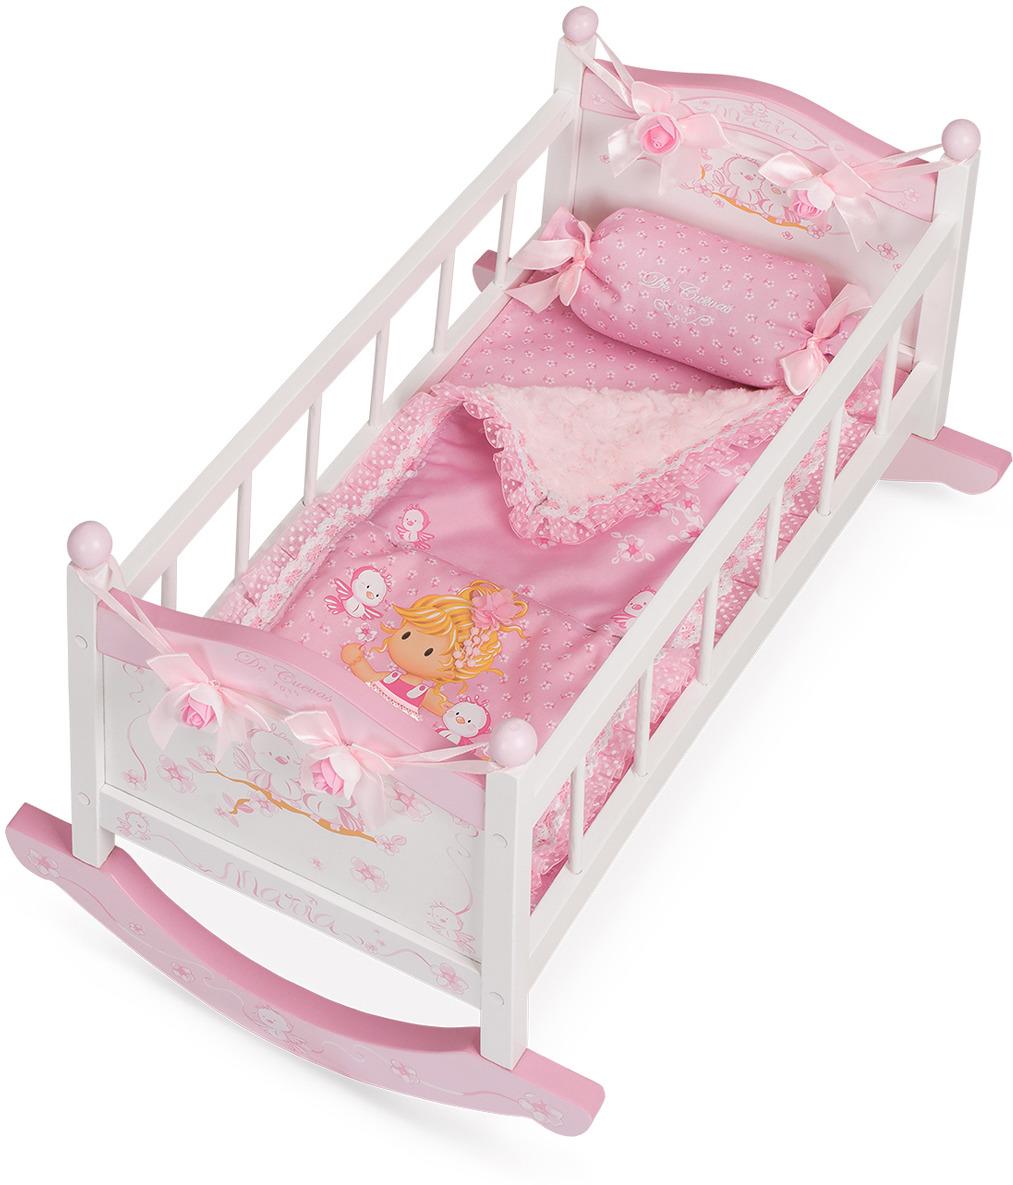 Мебель для кукол DeCuevas Мария. Кроватка-качалка кроватка качалка для кукол полесье кроватка качалка сборная для кукол 2